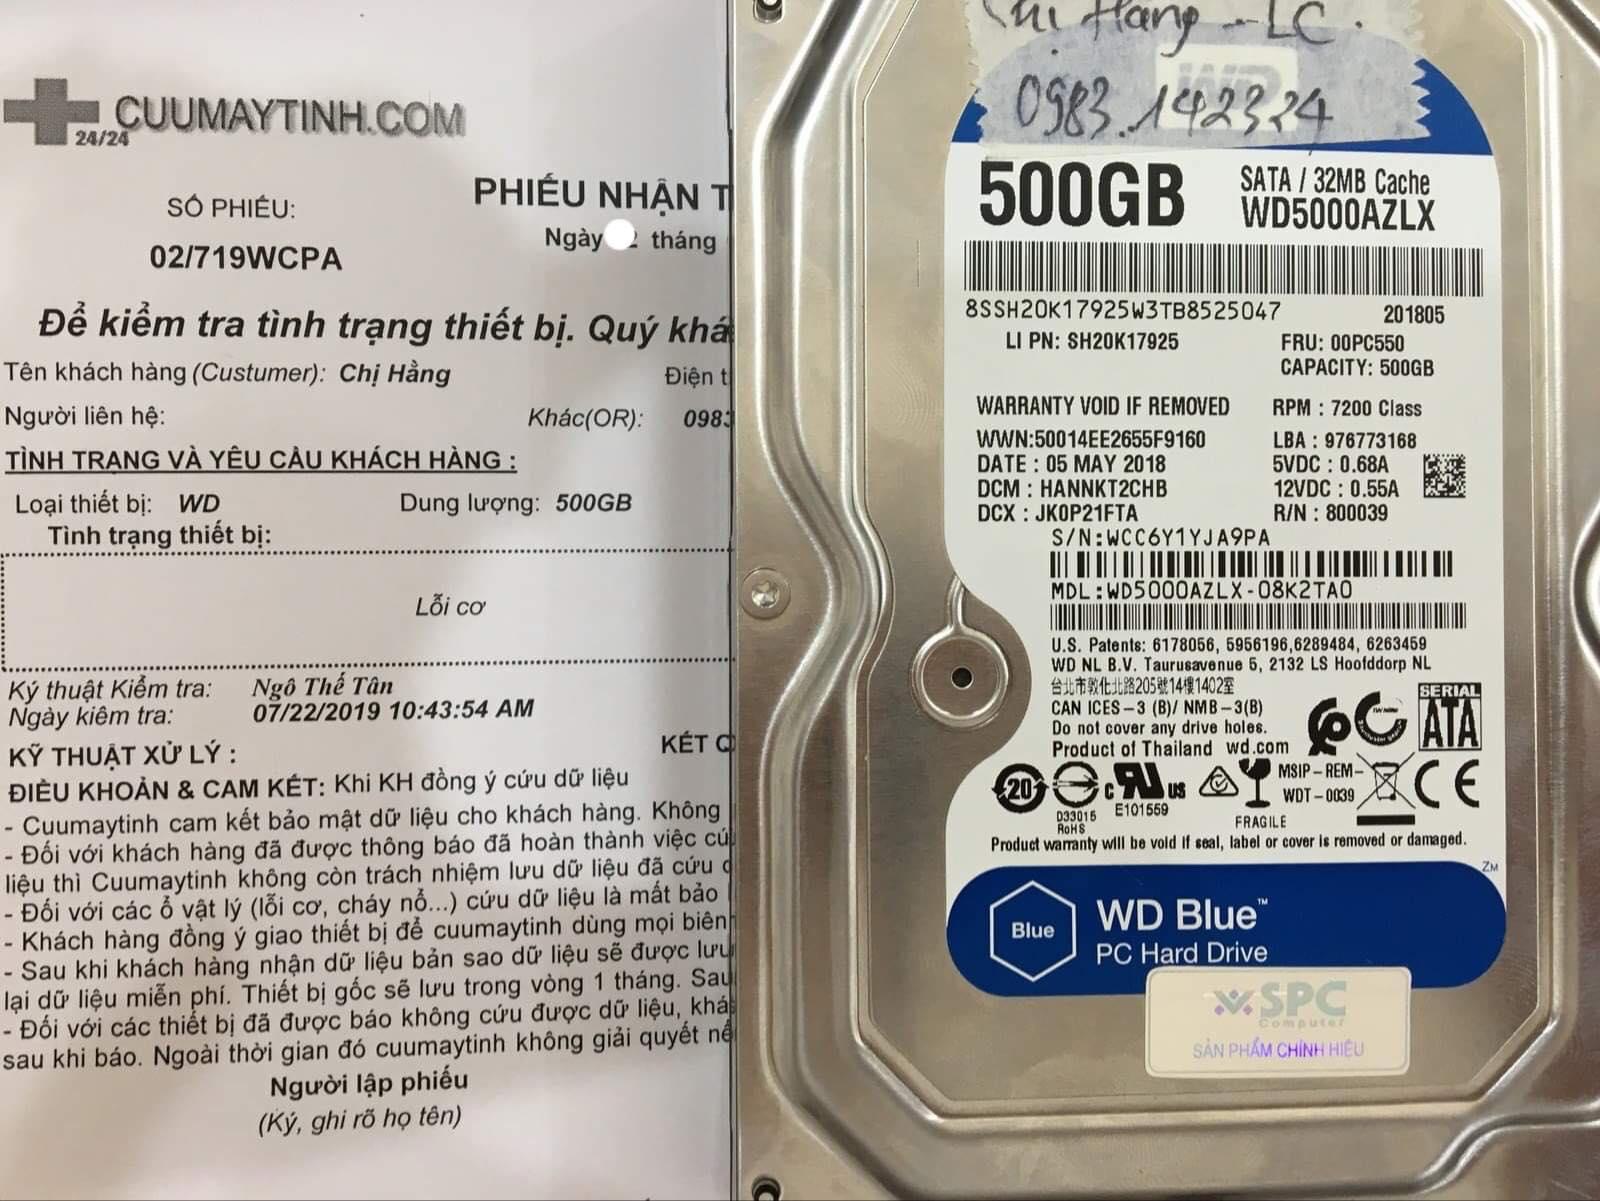 Phục hồi dữ liệu ổ cứng Western 500GB lỗi cơ 26/07/2019 - cuumaytinh